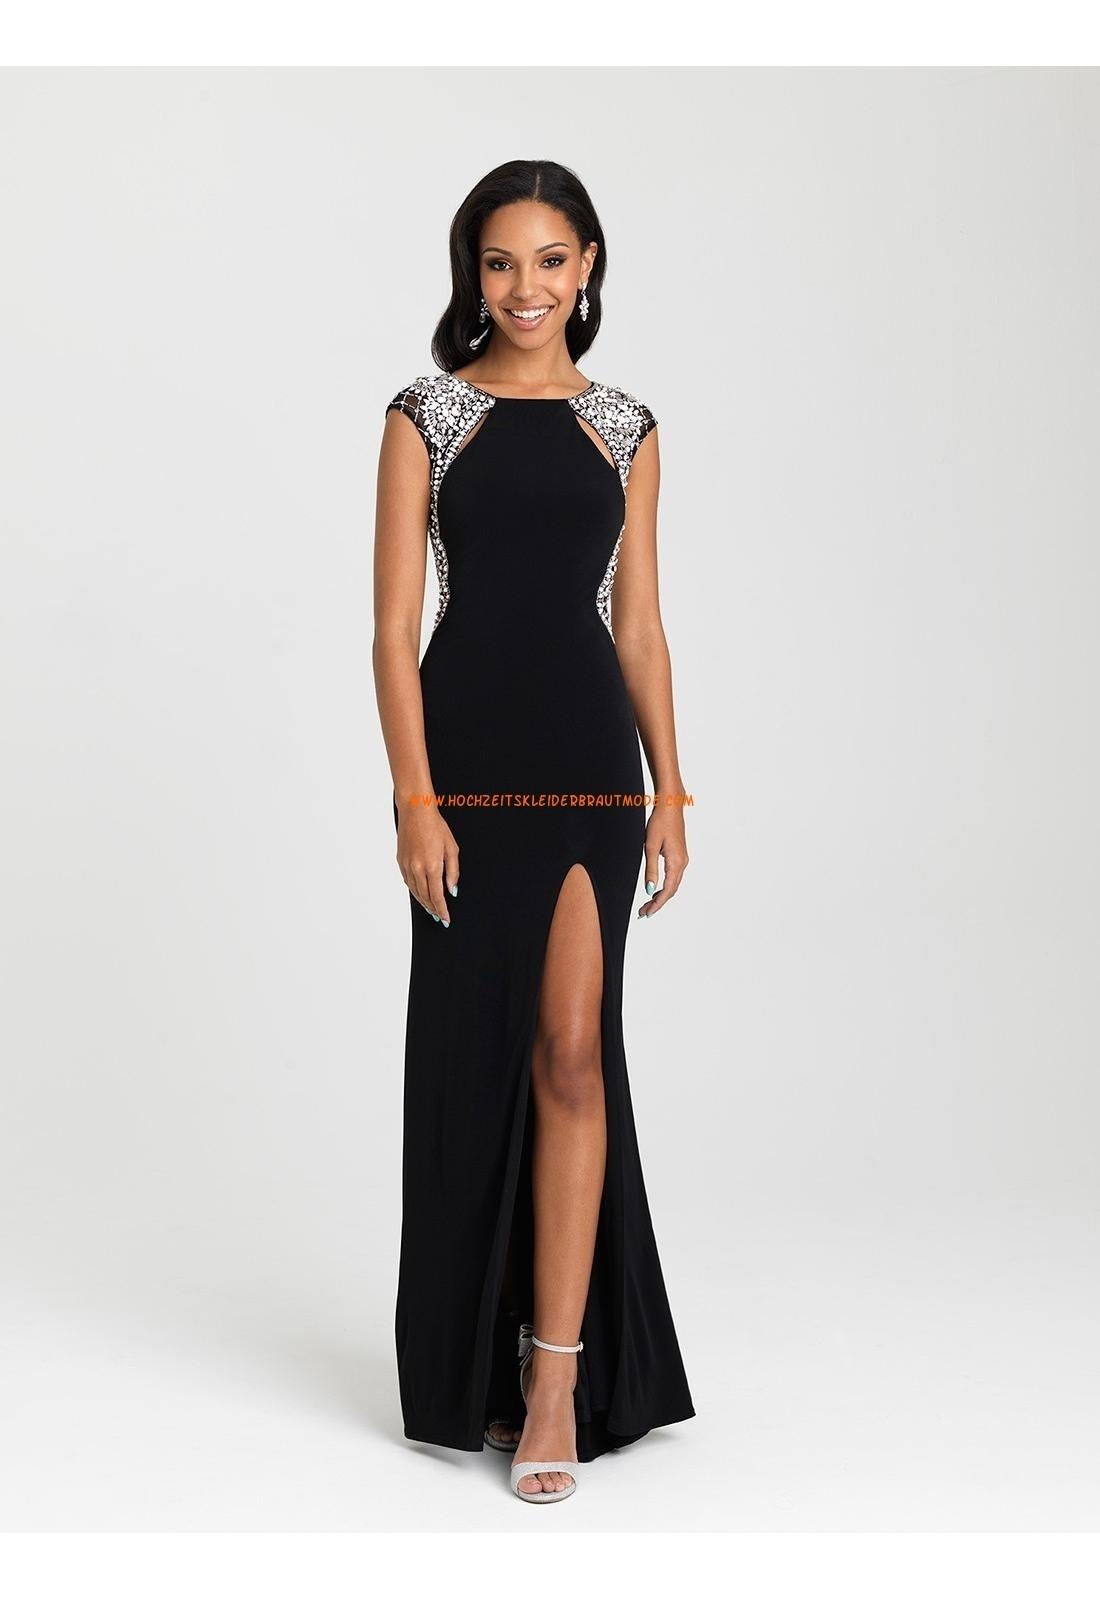 17 Spektakulär Ausgefallene Abendkleider Design15 Erstaunlich Ausgefallene Abendkleider Design